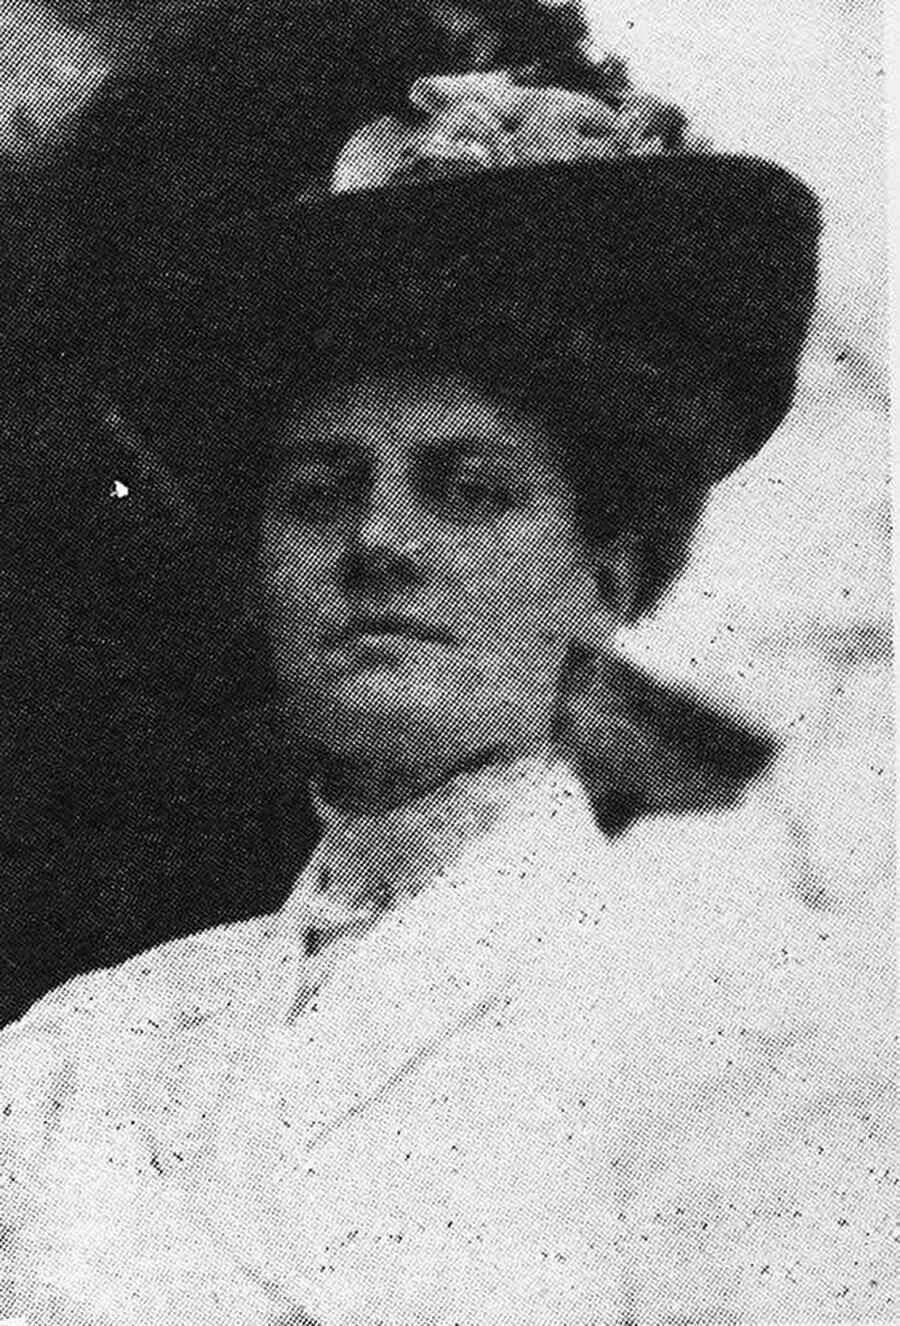 Kazadan bir gün önce son hamam sefası: Mrs. Frederic Oakley, Türk hamamı için bilet alan ve kazadan bir gün önce hamamı kullanan birinci sınıf yolcusu. Aynı zamanda kazadan kurtulan az sayıdaki şanslı kişiden biri.